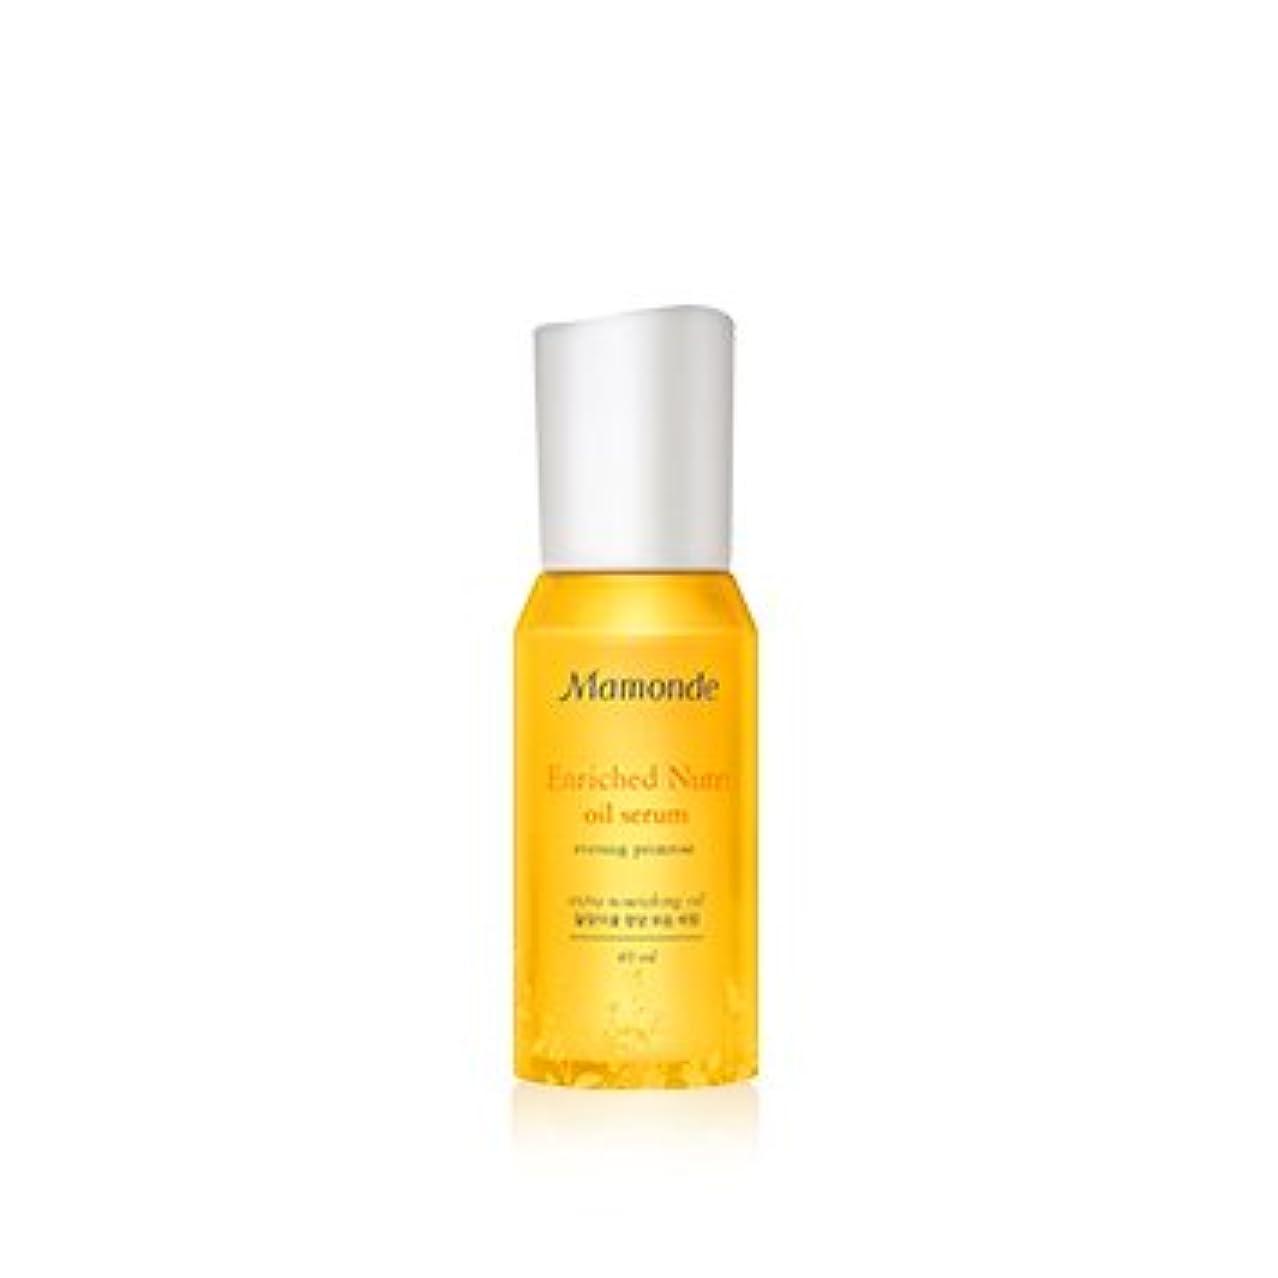 非効率的な軸実質的[New] Mamonde Enriched Nutri Oil Serum 40ml/マモンド エンリッチド ニュートリ オイル セラム 40ml [並行輸入品]